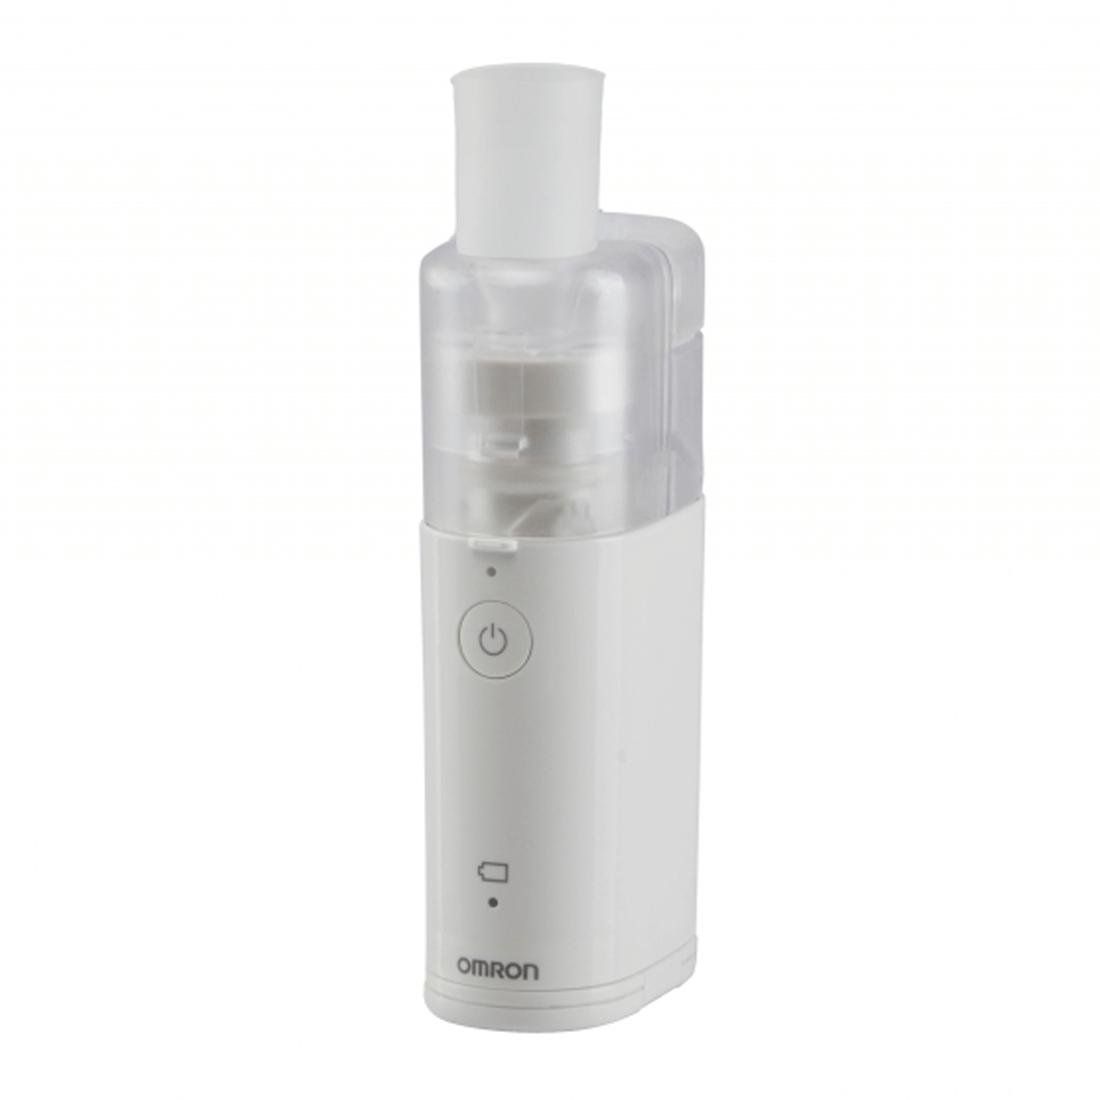 Omron MicroAIR Pocket 360° Nebulizer | Silent Medicine Inhaler | 10ml Medication | U100